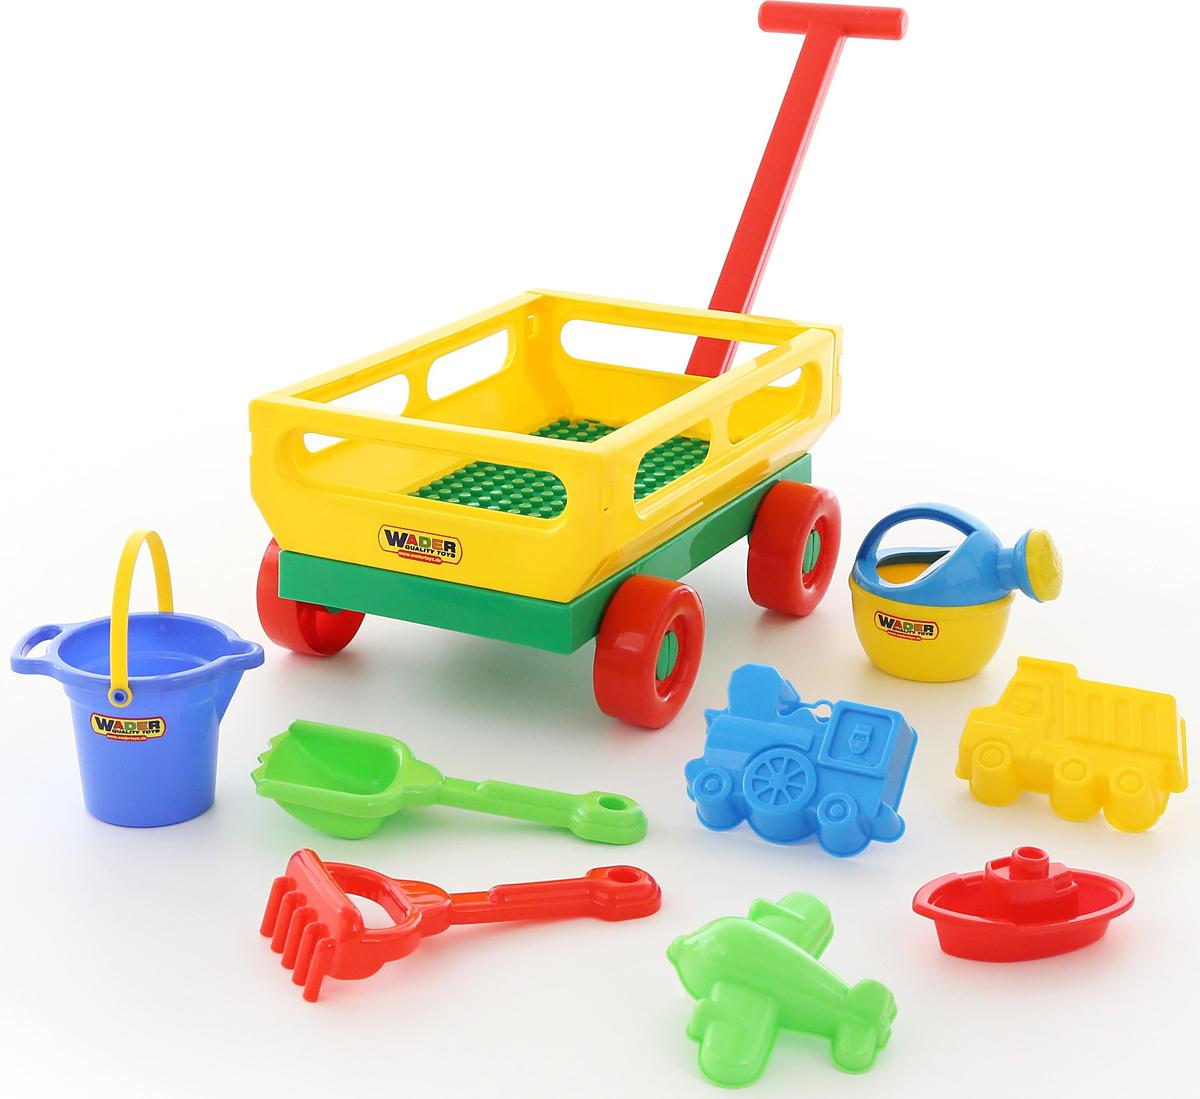 Полесье Набор игрушек для песочницы №488, цвет в ассортименте